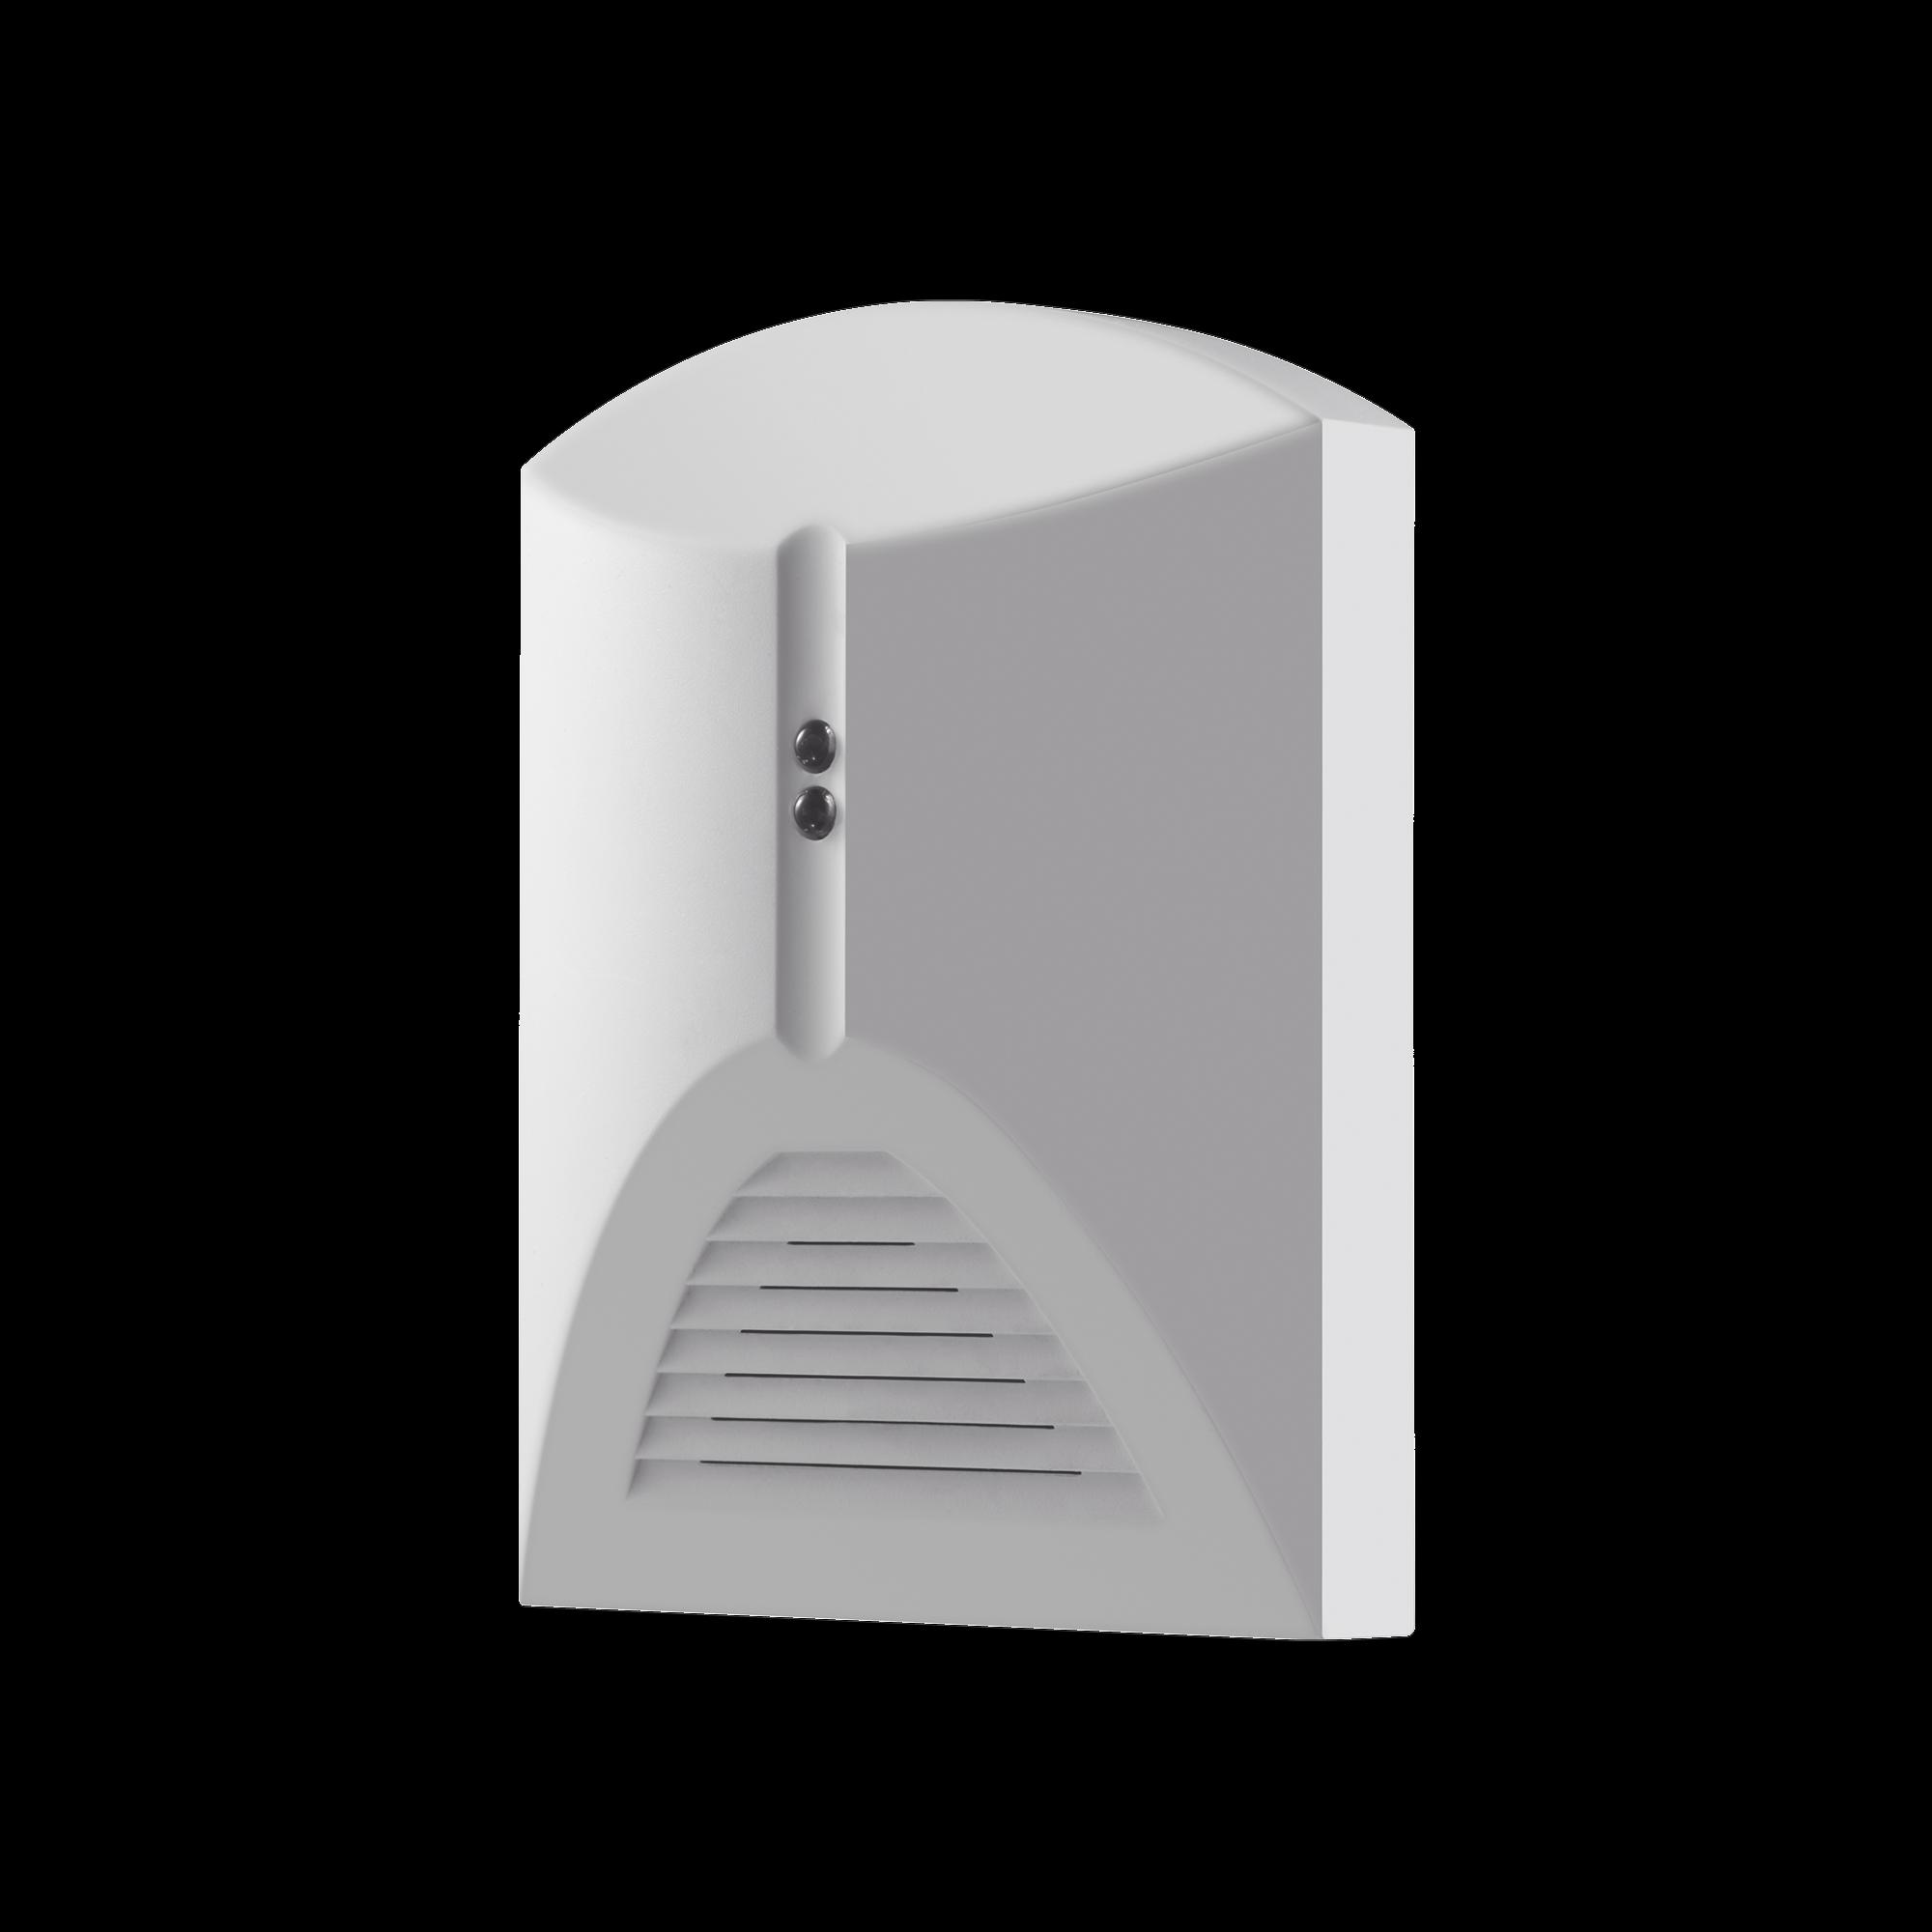 Detector de Ruptura de Cristal para Panel de Alarma HIKVISION / Cableada